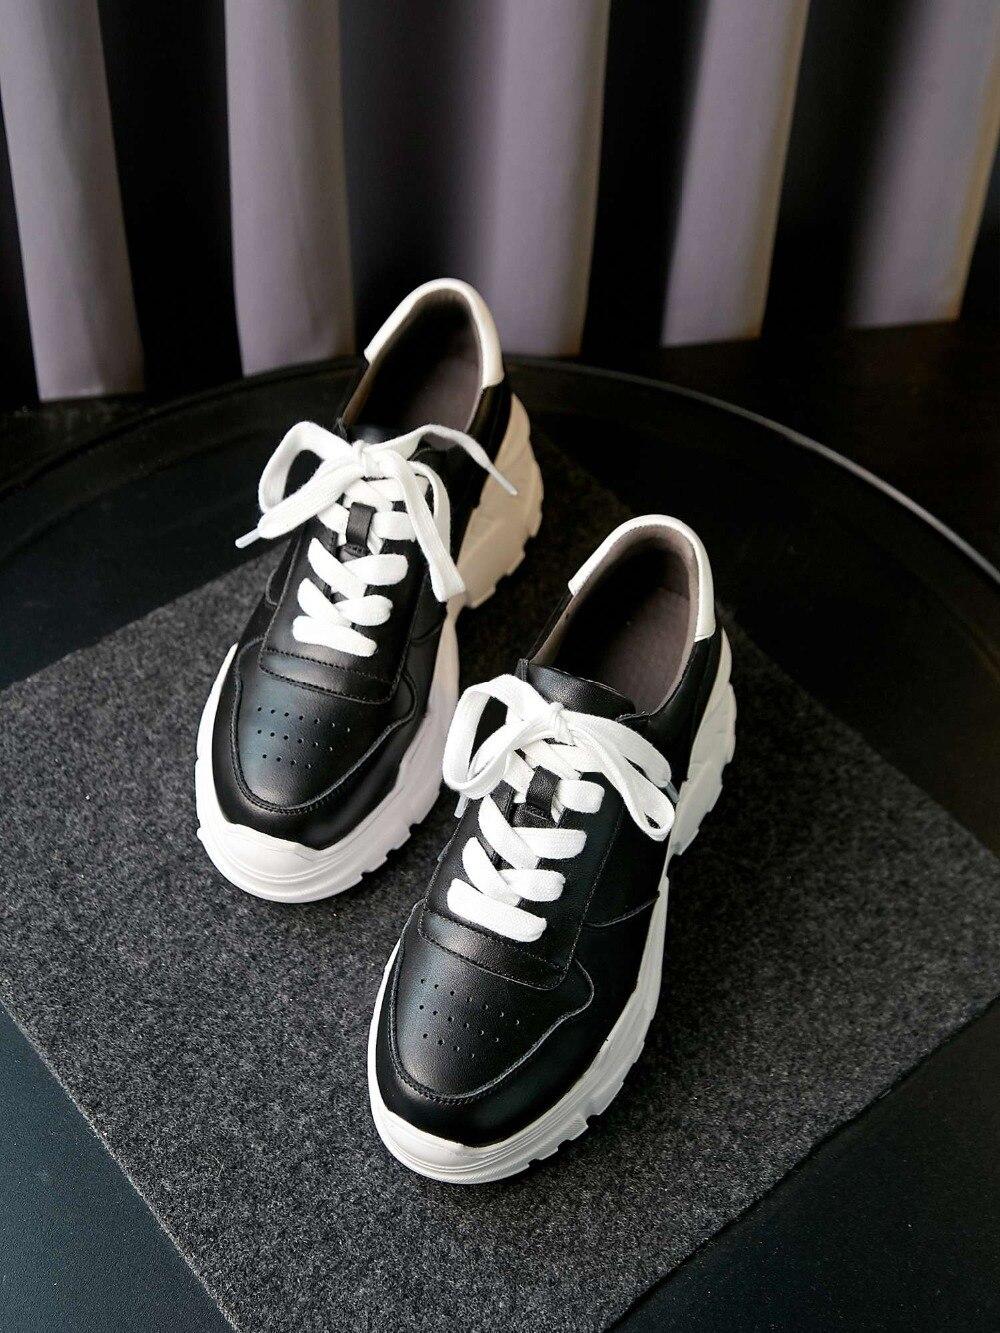 Ayakk.'ten Vulkanize Kadın Ayakkabıları'de 2019 muhtasar tam tahıl deri yuvarlak ayak kalın yüksek alt platform koşu ayakkabıları gündelik giyim lace up vulkanize ayakkabı L7f2'da  Grup 3